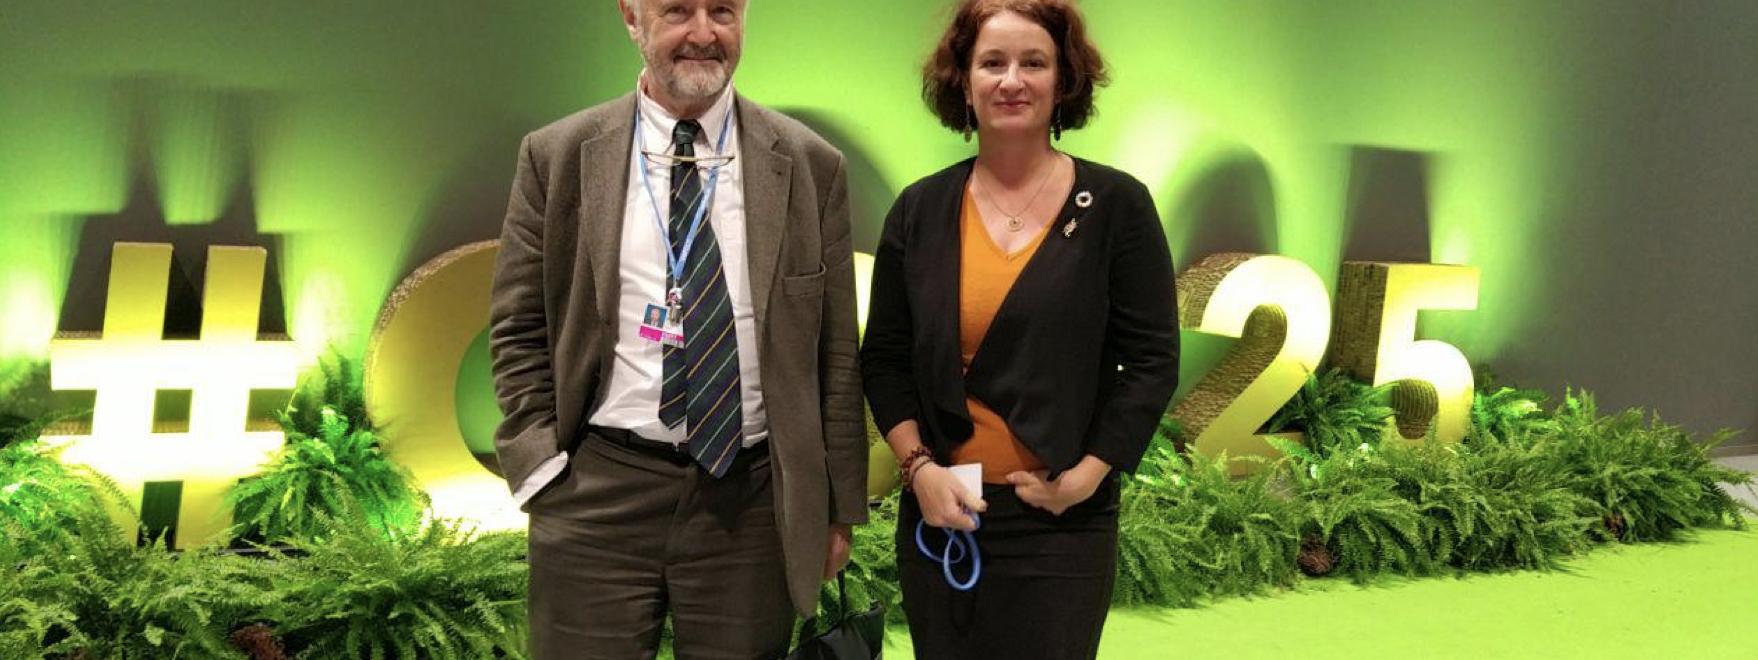 Bilan de la COP25 à Madrid : Une COP25 paradoxale